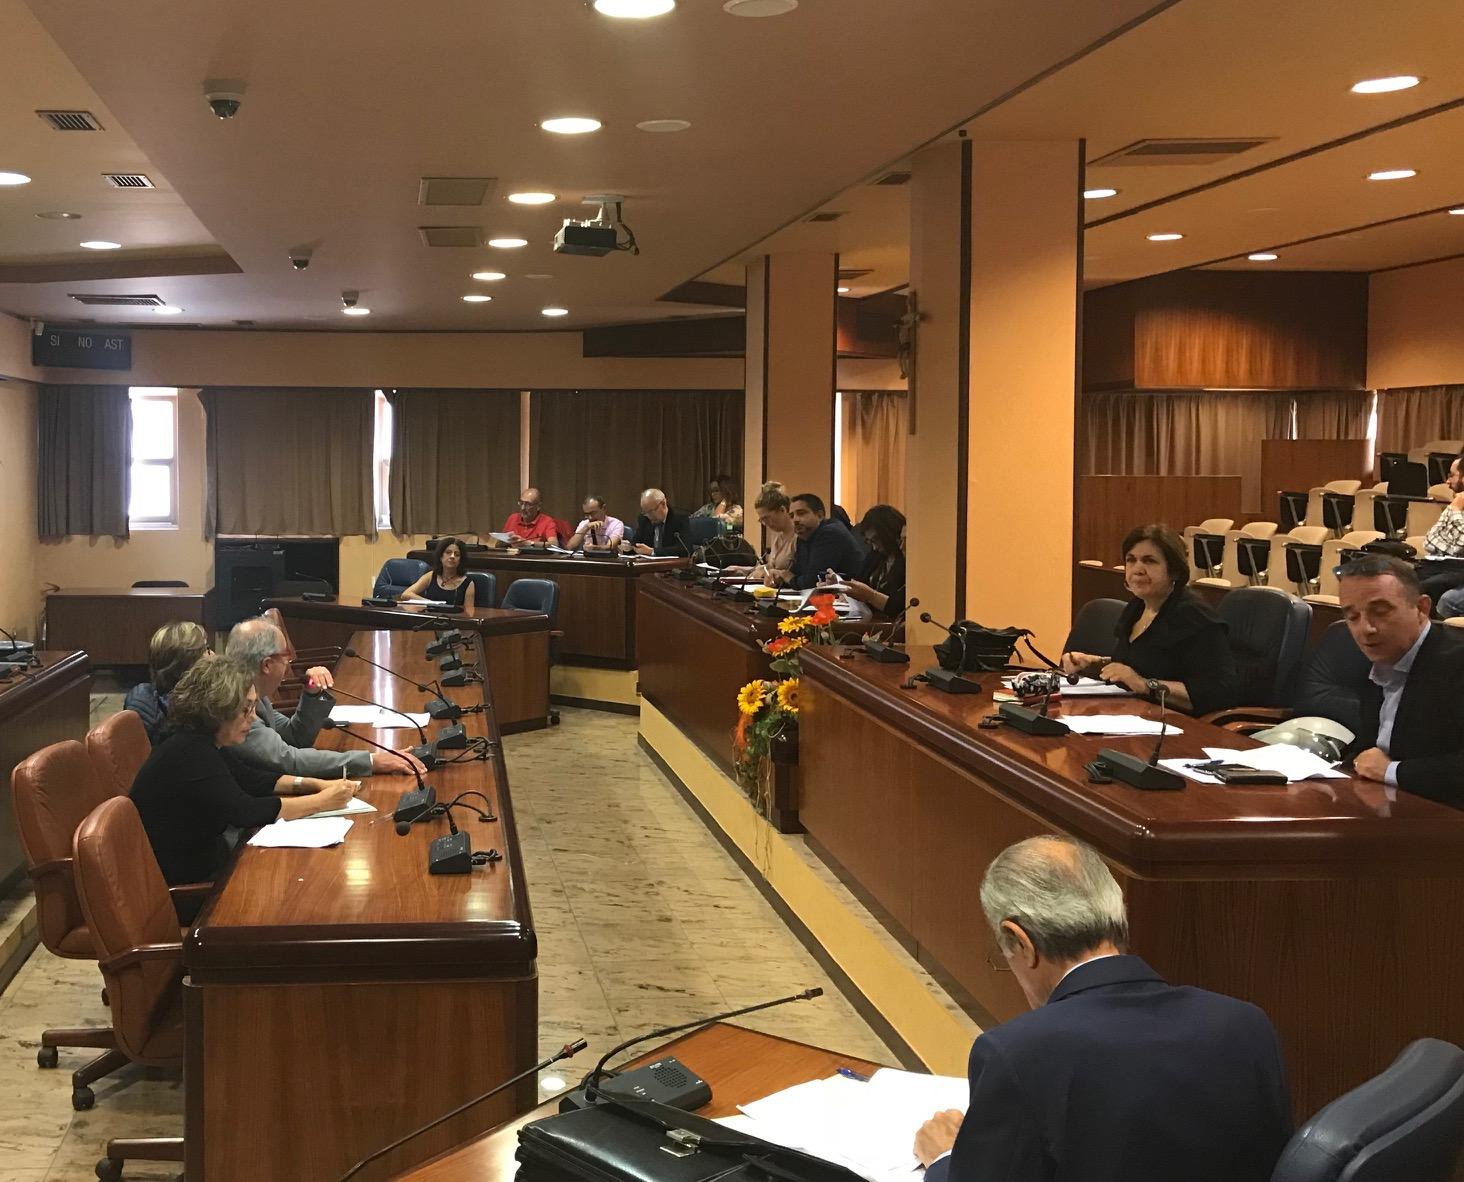 Dimensionamento scolastico a Oristano. Il Sindaco Lutzu chiede il rispetto dell'autonomia della scuola di via Solferino a Oristano.